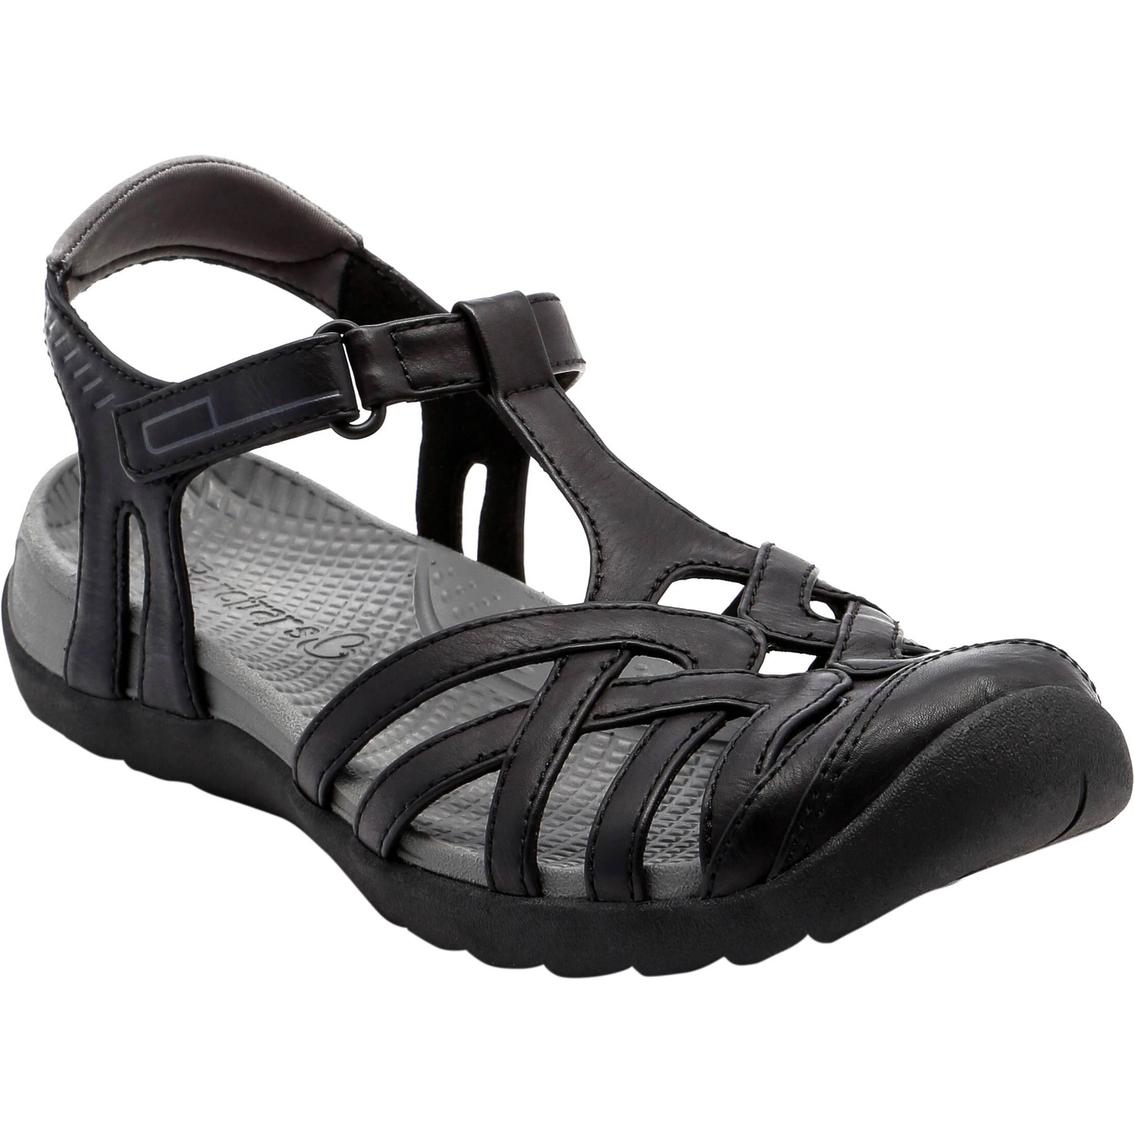 d017cd5f2c08 Baretraps Feena Closed Toe Sport Sandals